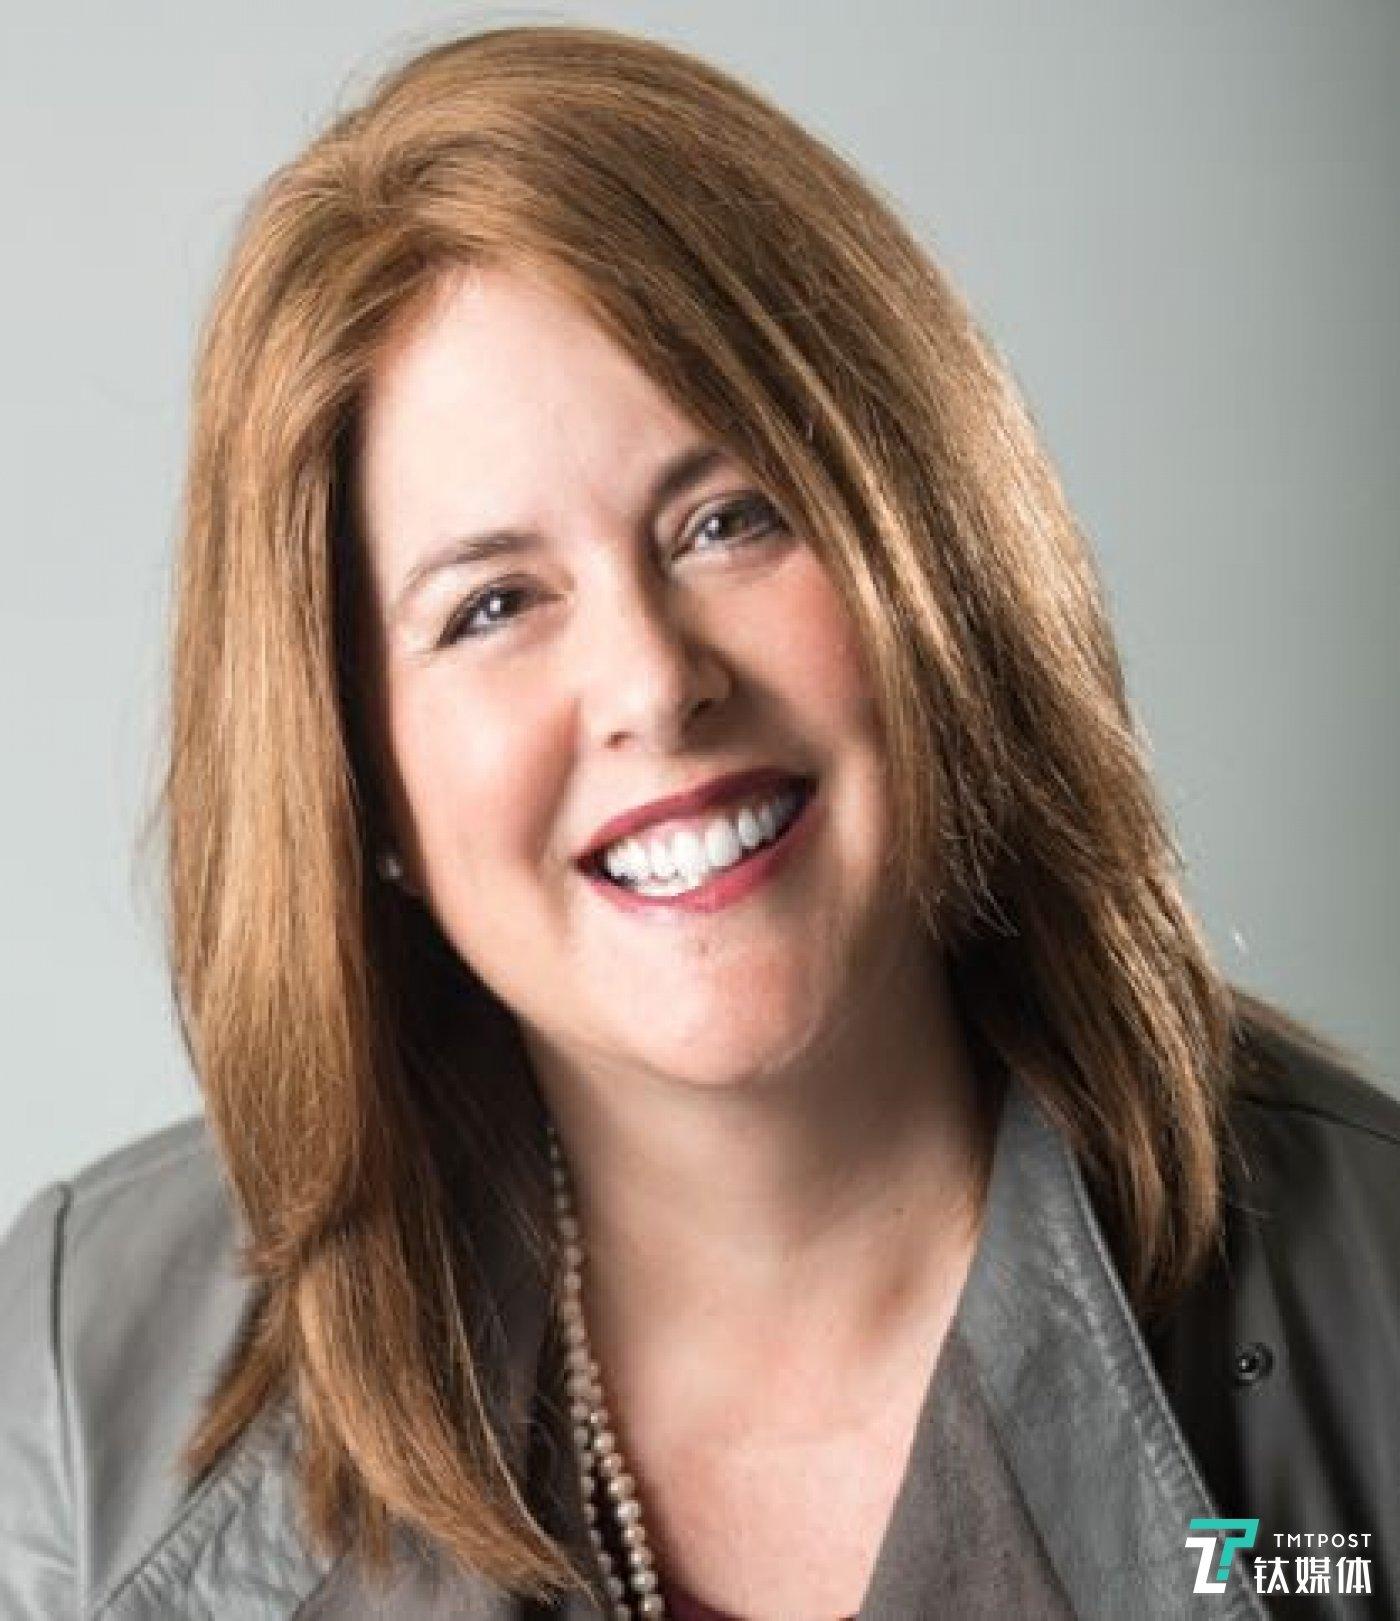 英特尔数据平台事业部傲腾持久内存营业负责人Kristie Mann